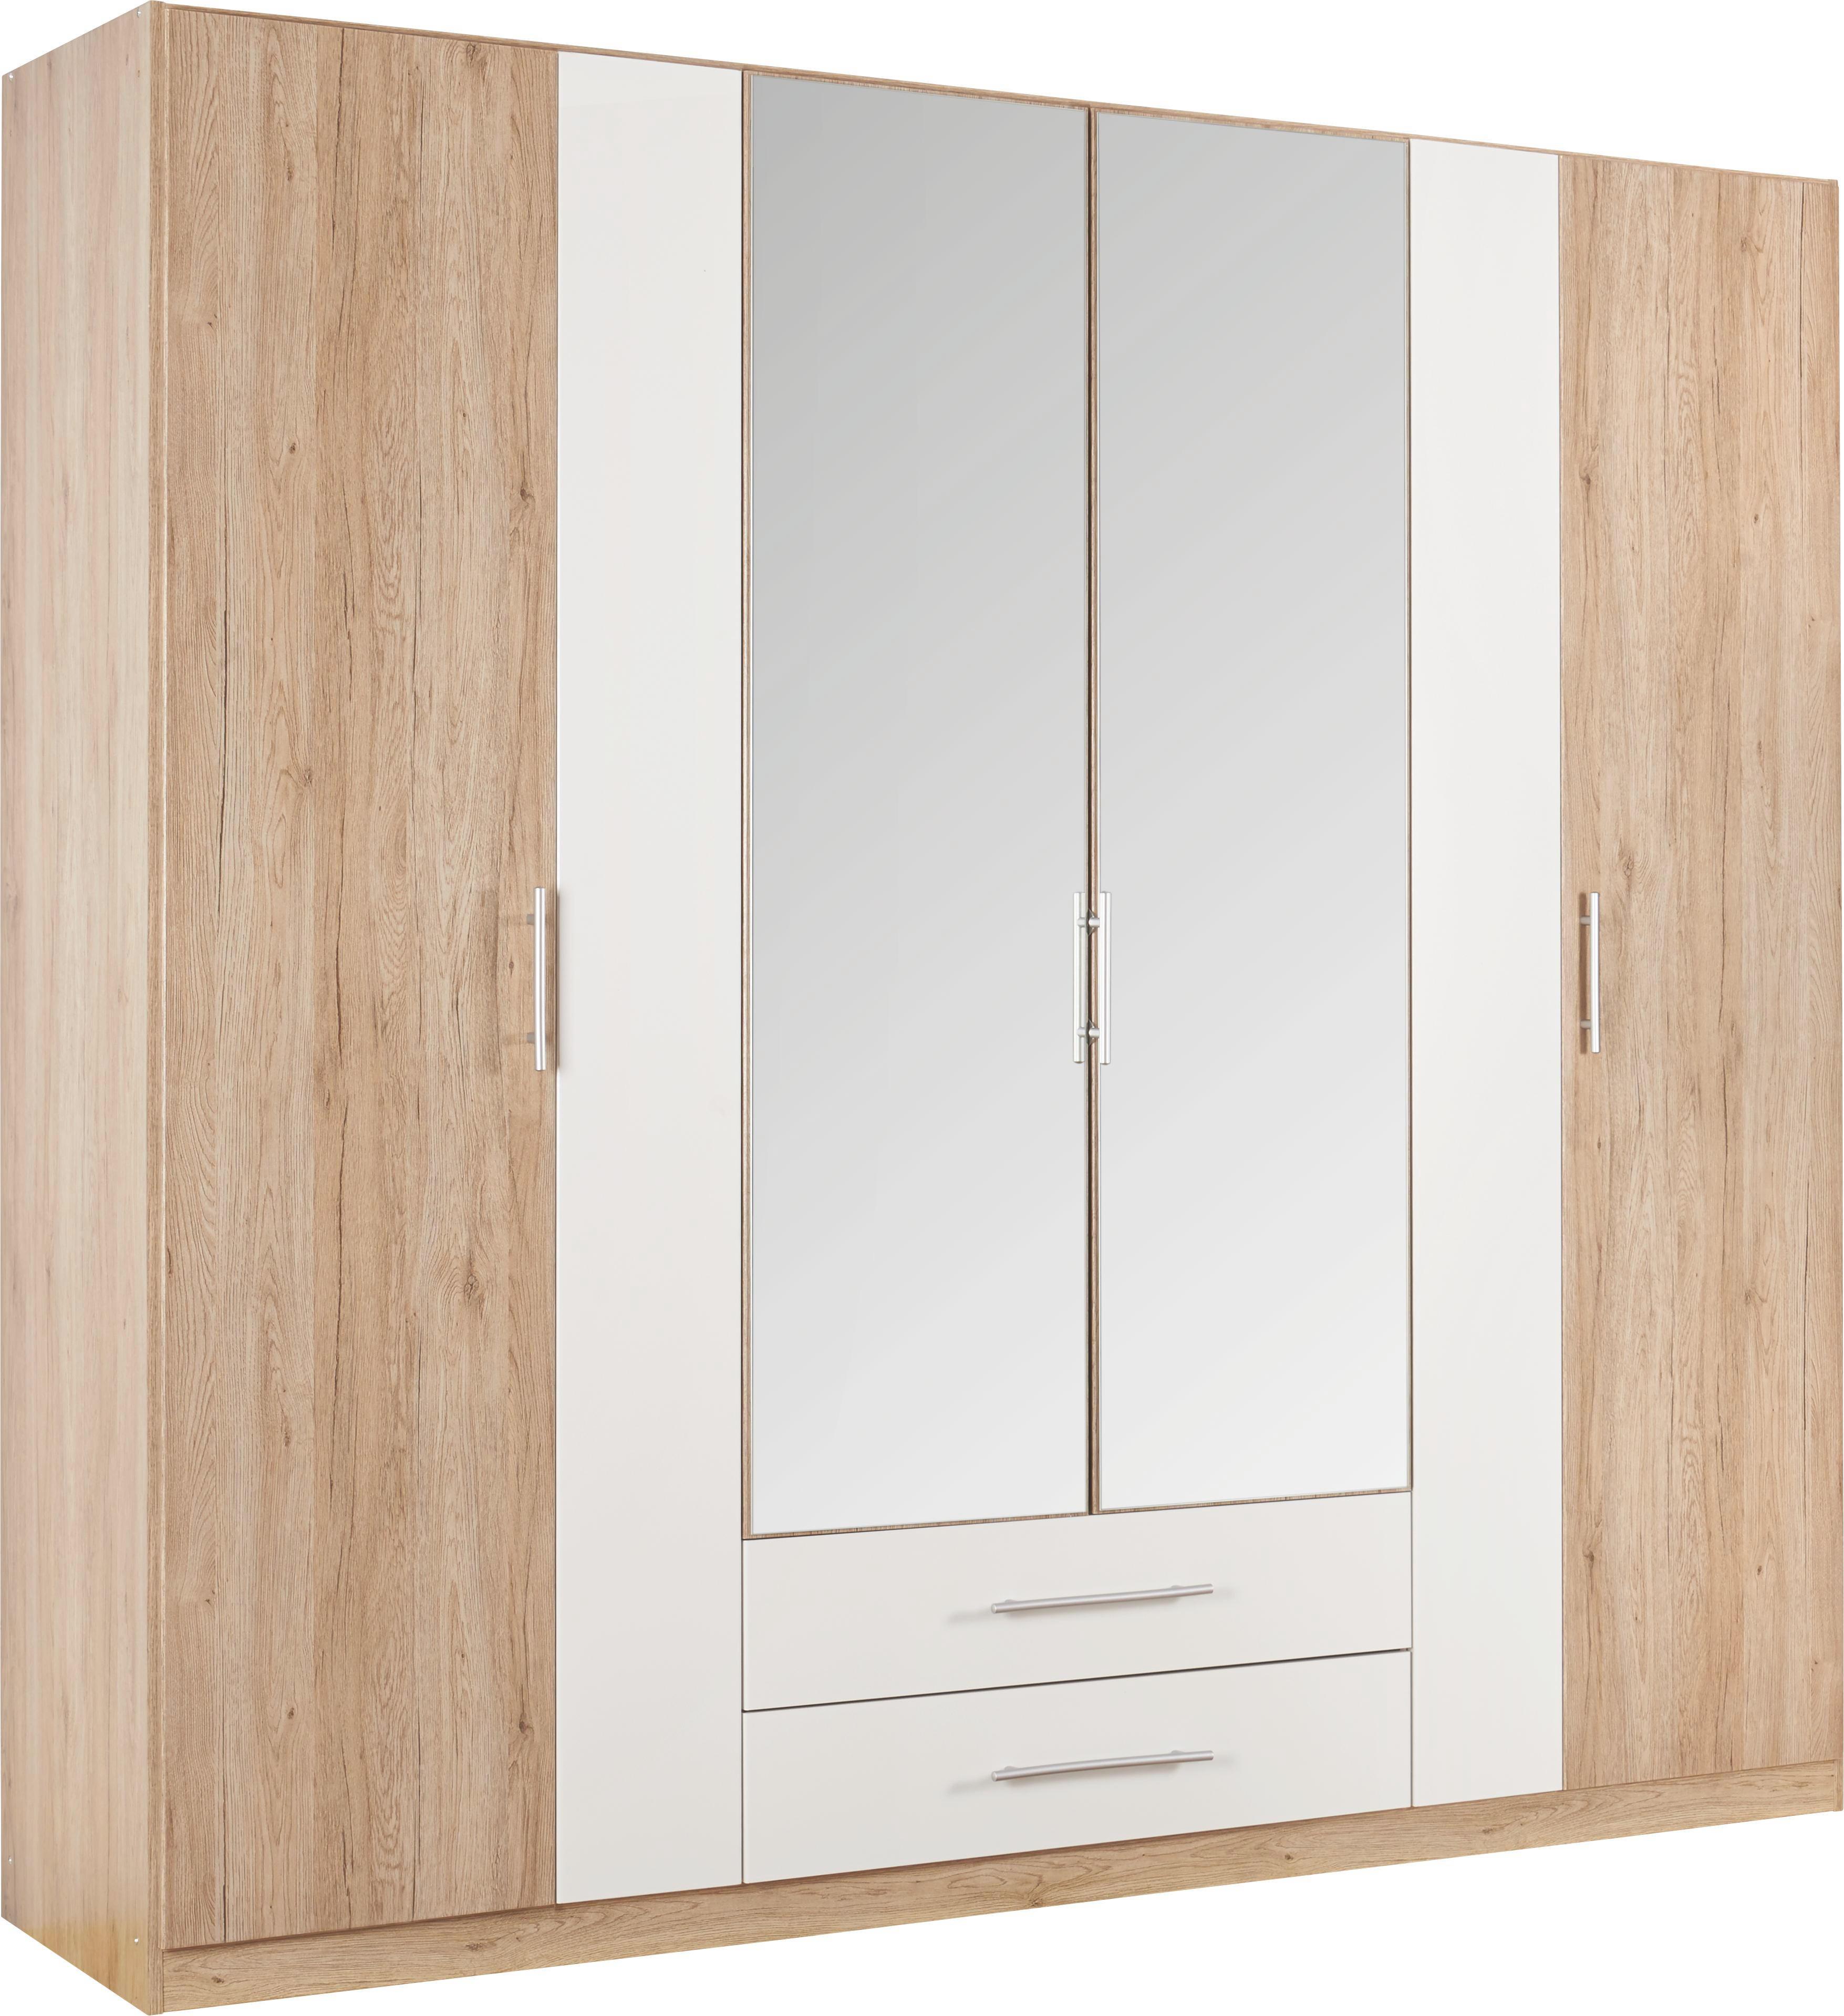 SKŘÍŇ - bílá/barvy dubu, Konvenční, dřevěný materiál/umělá hmota (226/212/56cm) - BOXXX